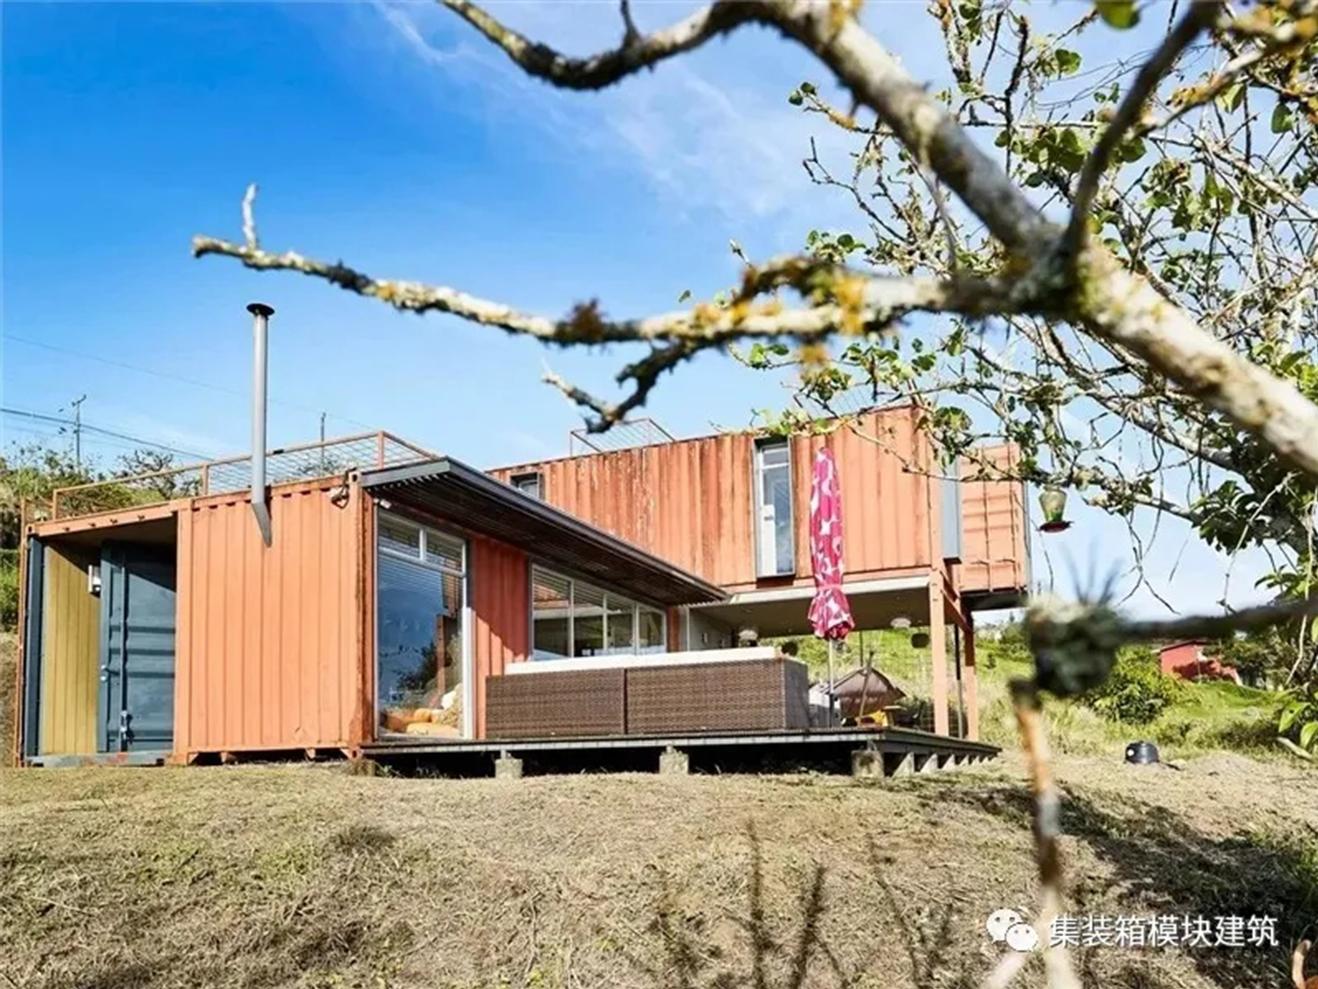 充满复古韵味的【集装箱房屋】,满眼尽收秀美自然景观!